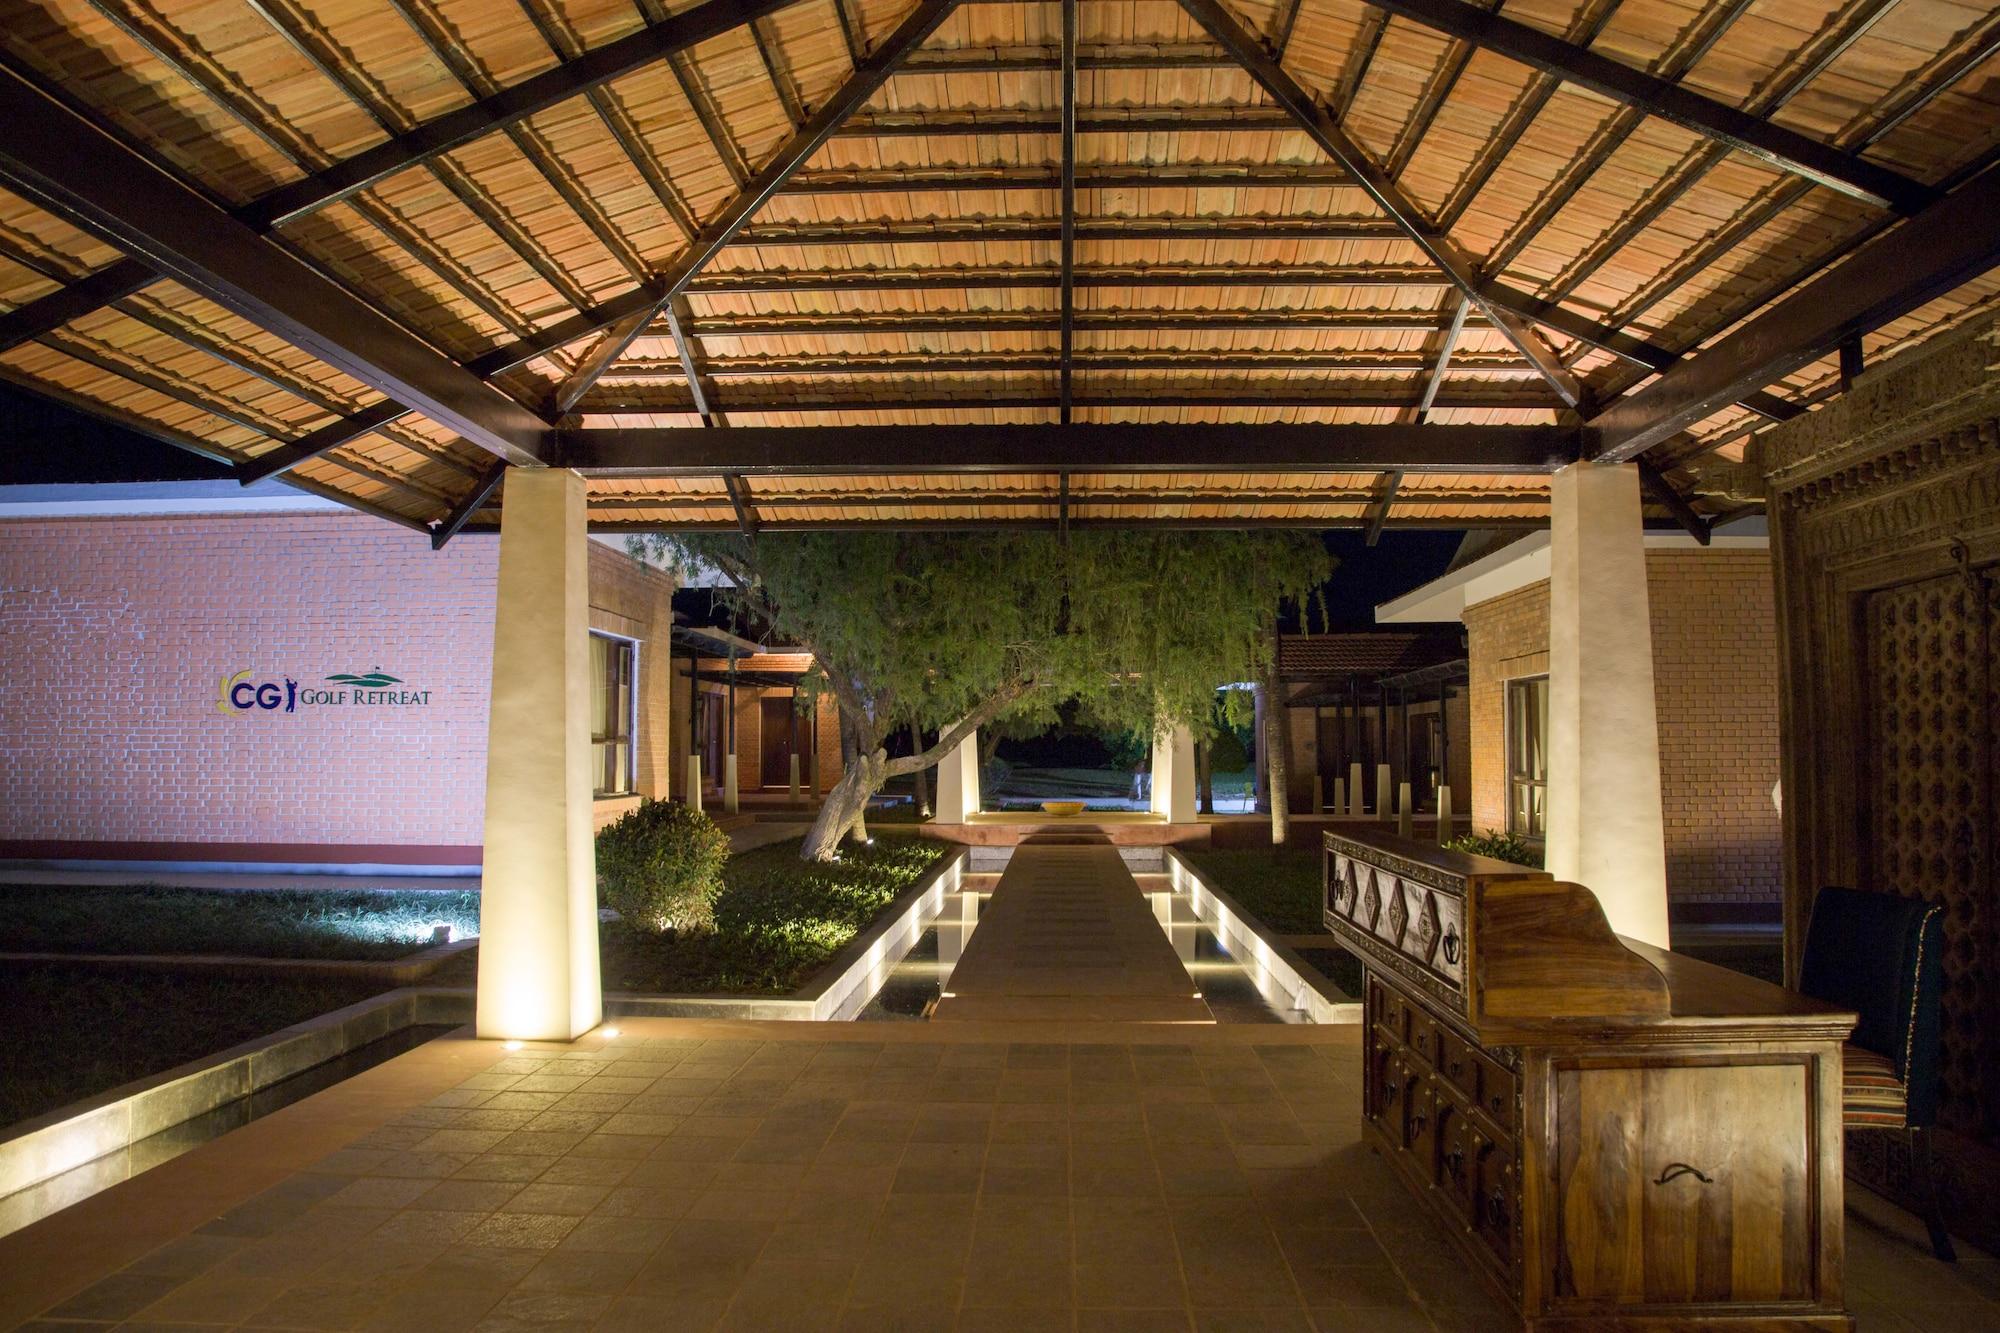 CG Retreat, Lumbini